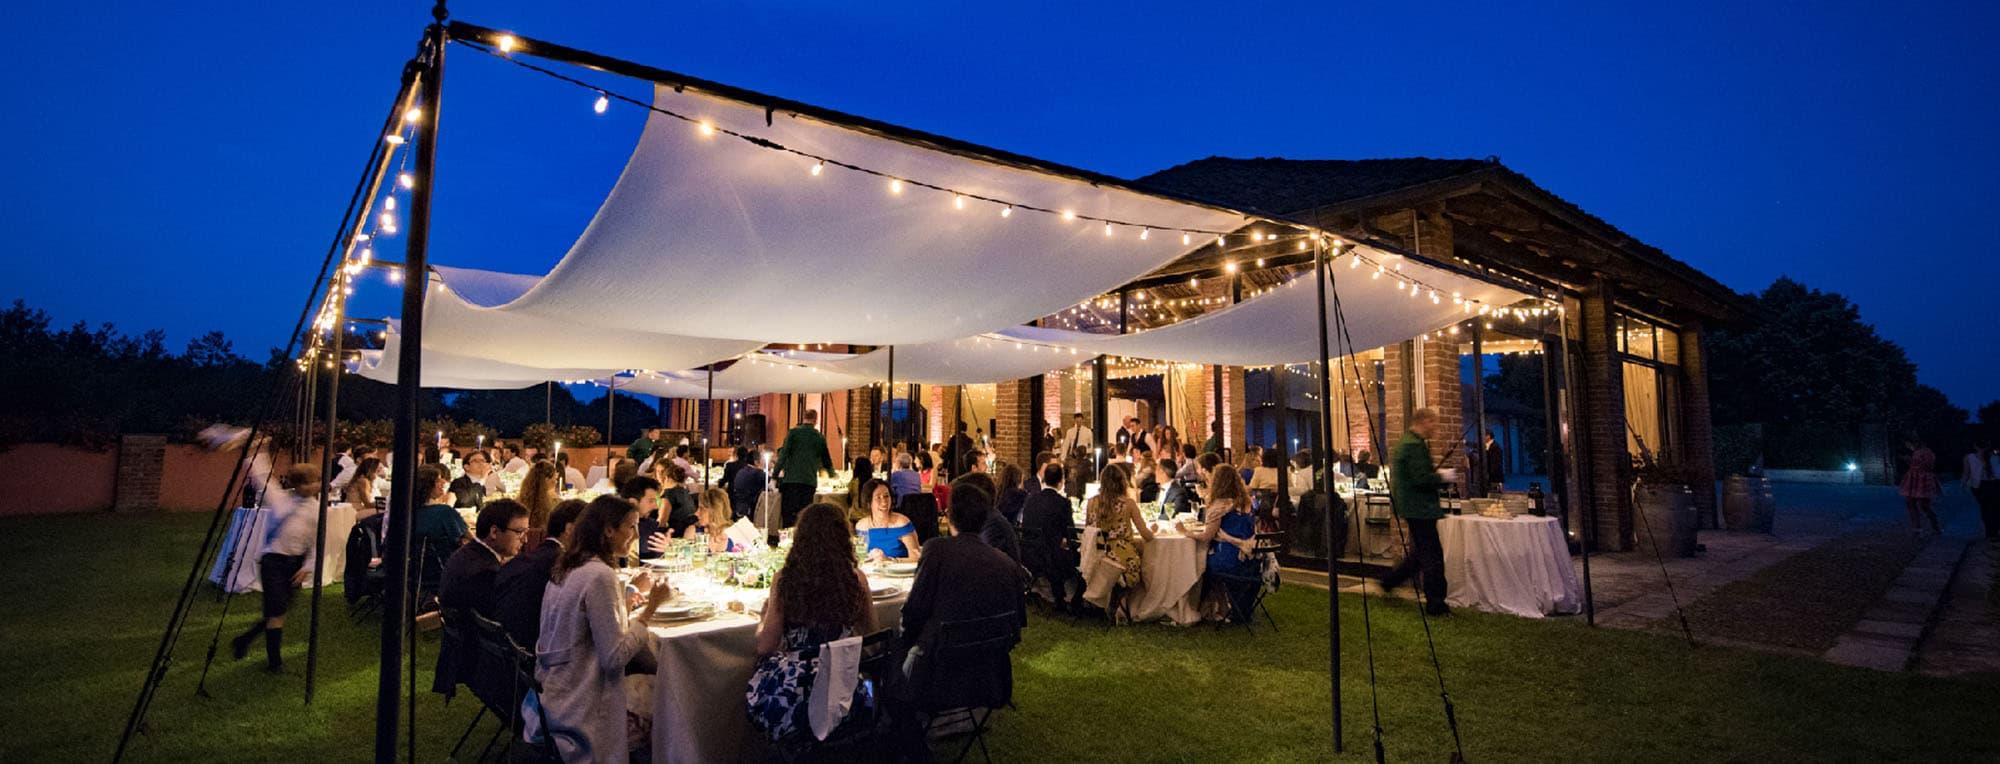 Una cena sotto le stelle a Villa Fiorita.